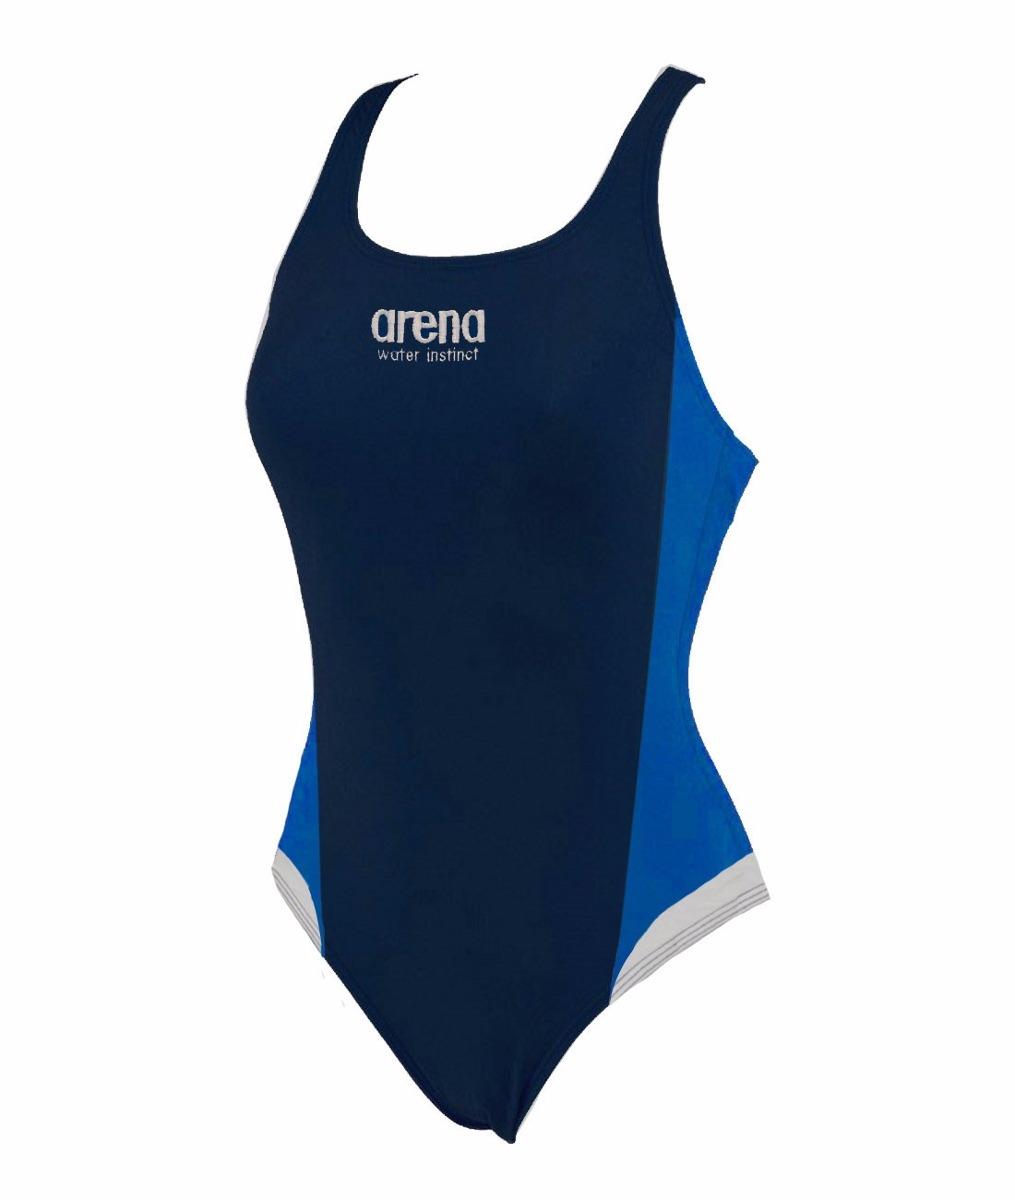 trajes de bano para natacion mujer arena